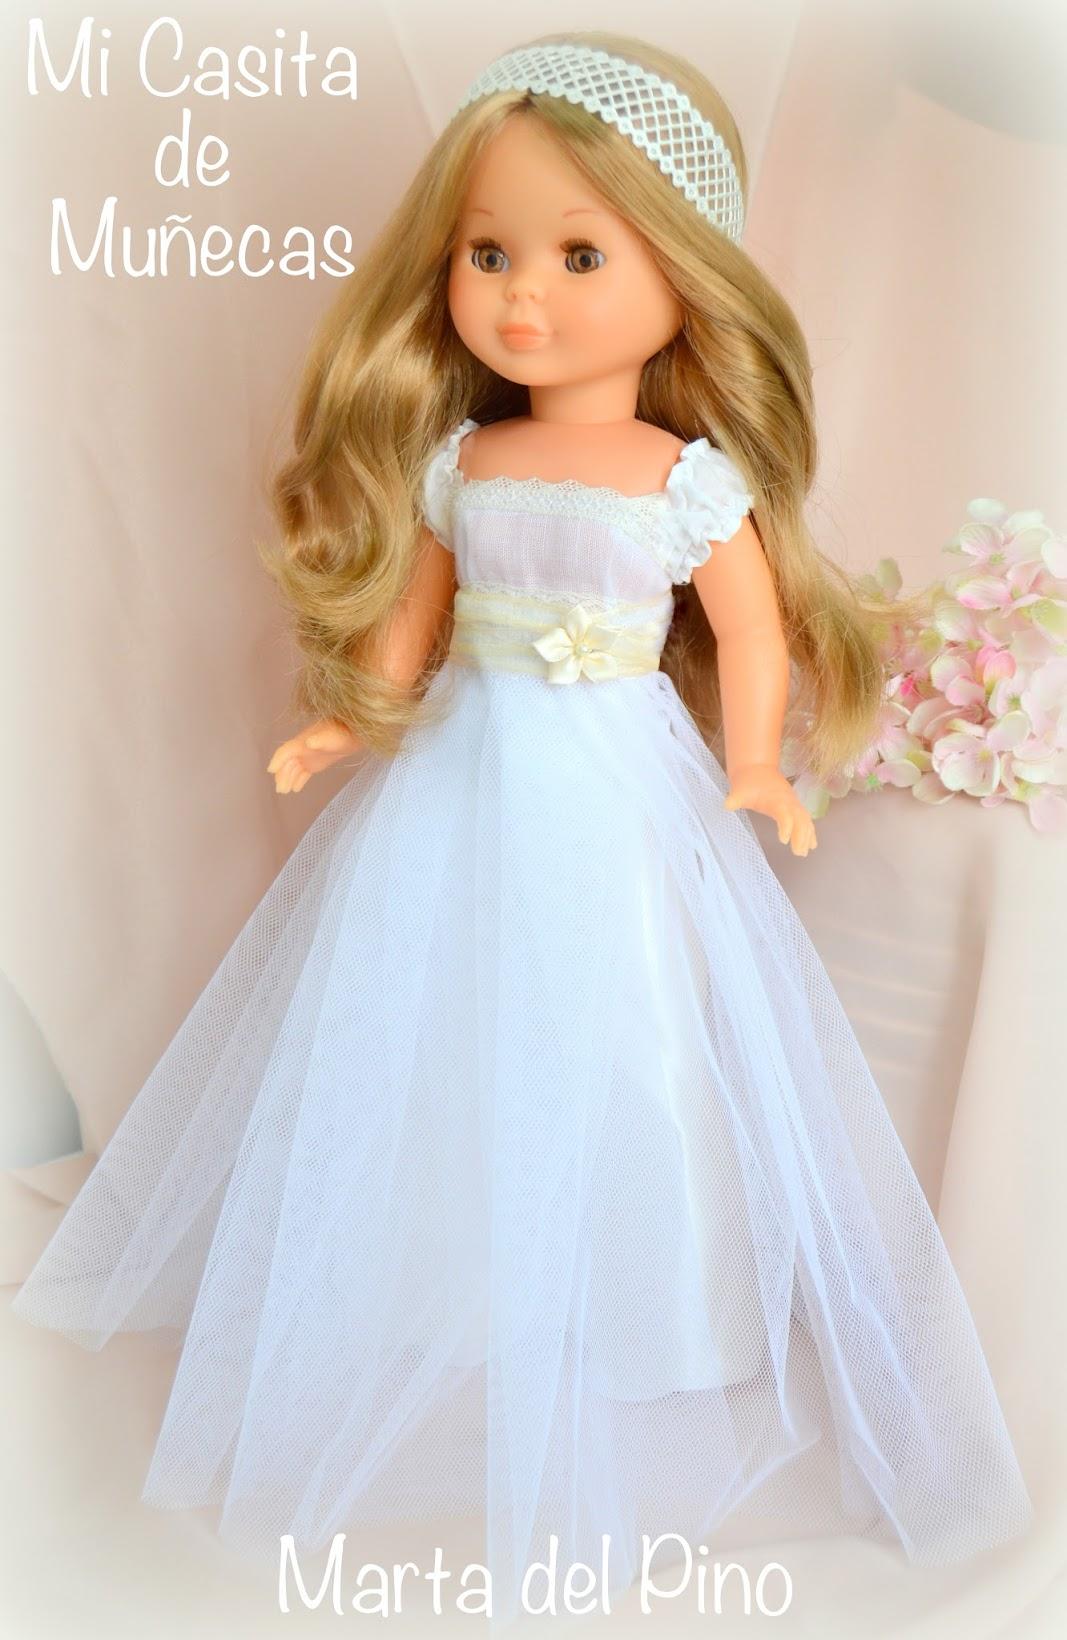 Vestido de comunión para Nancy de Famosa, muñeca de comunión, vestido por encargo, mi casita de muñecas, marta del pino